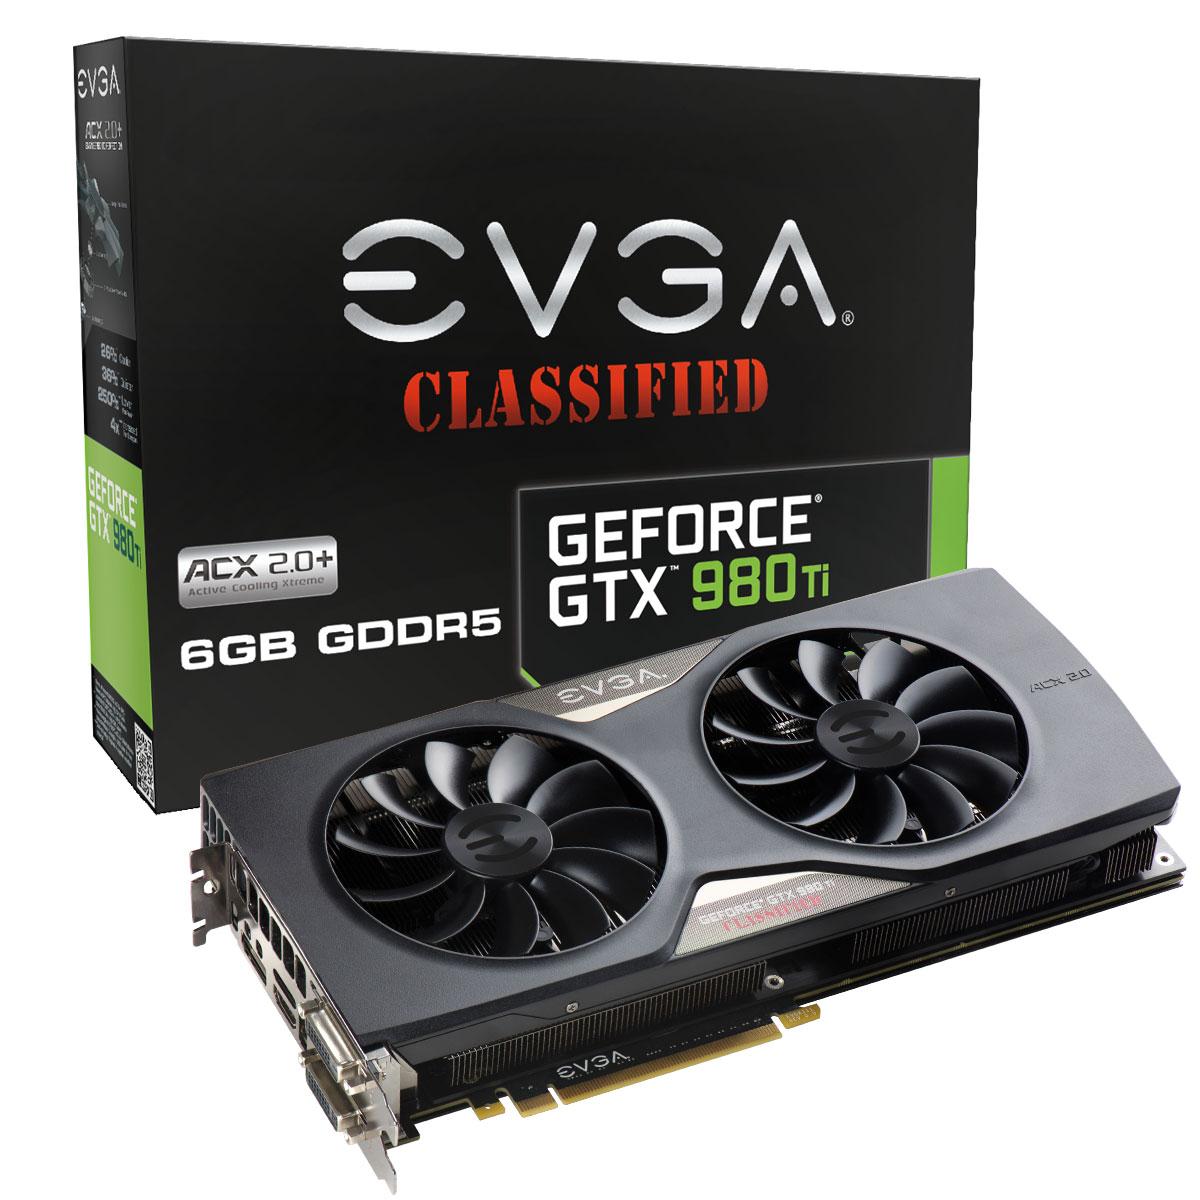 evga-geforce-gtx-980-ti_classified